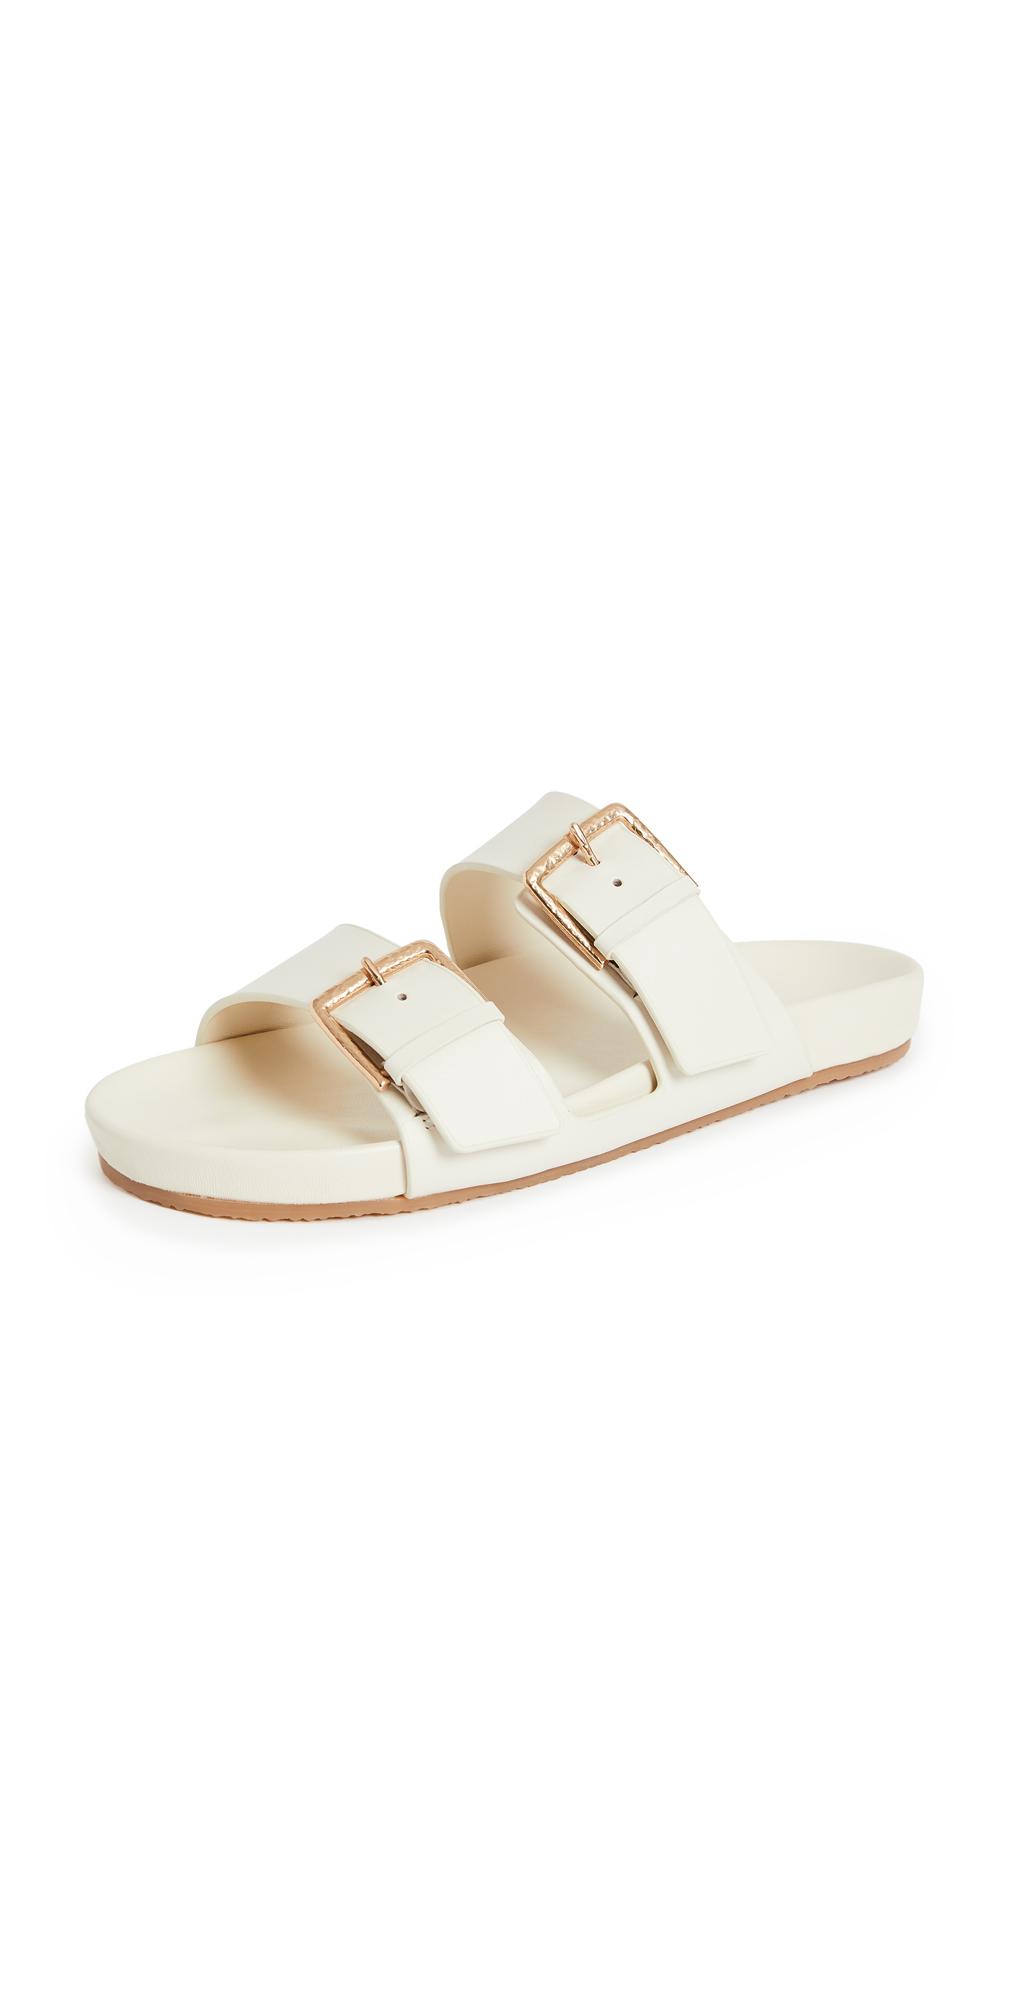 Ulla Johnson Nova Slide Sandals